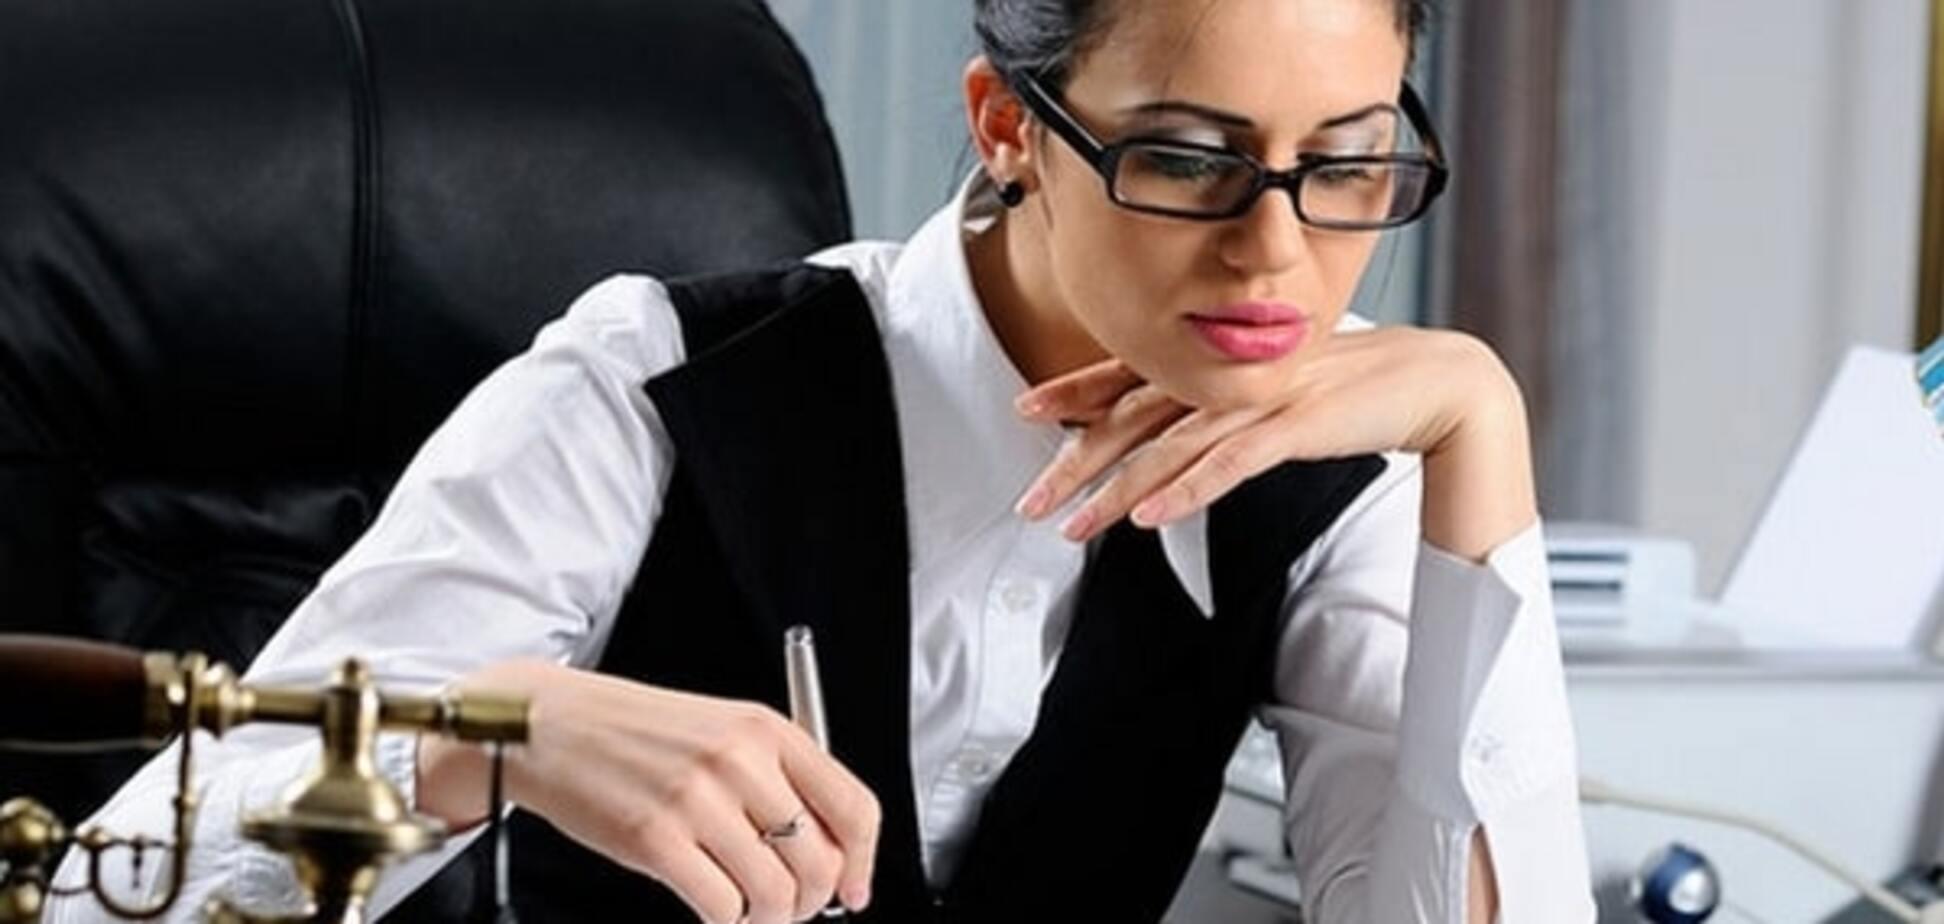 Росія стала першою в світі країною, де жінкам забороняють працювати